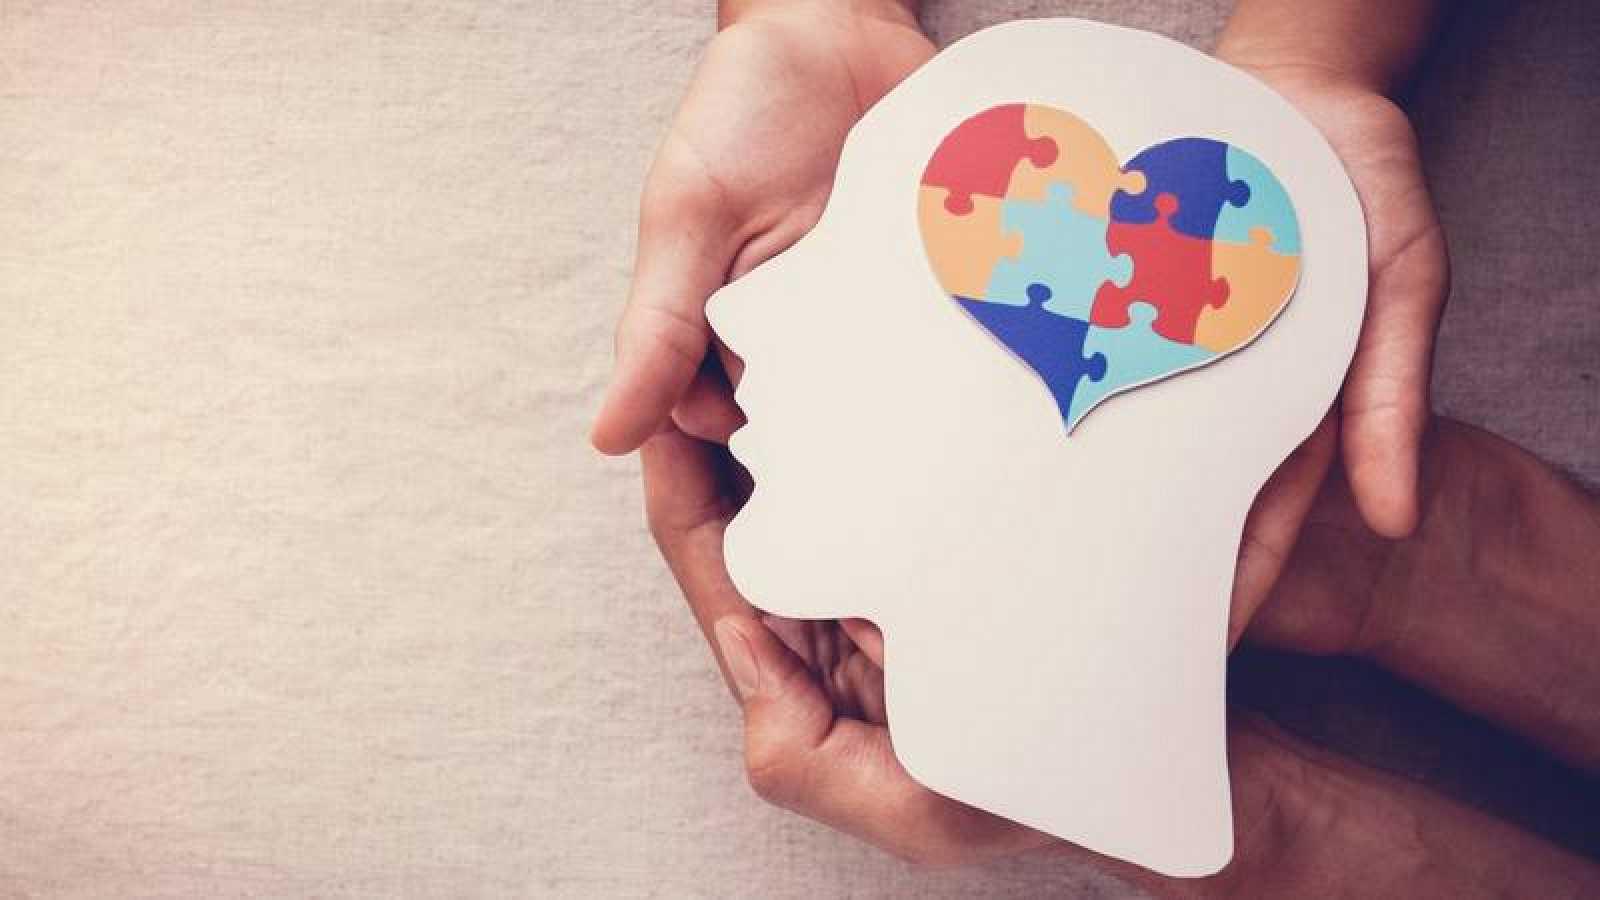 Los psicólogos piden un Plan de Salud Mental Nacional que tenga muy en cuenta a los autónomos